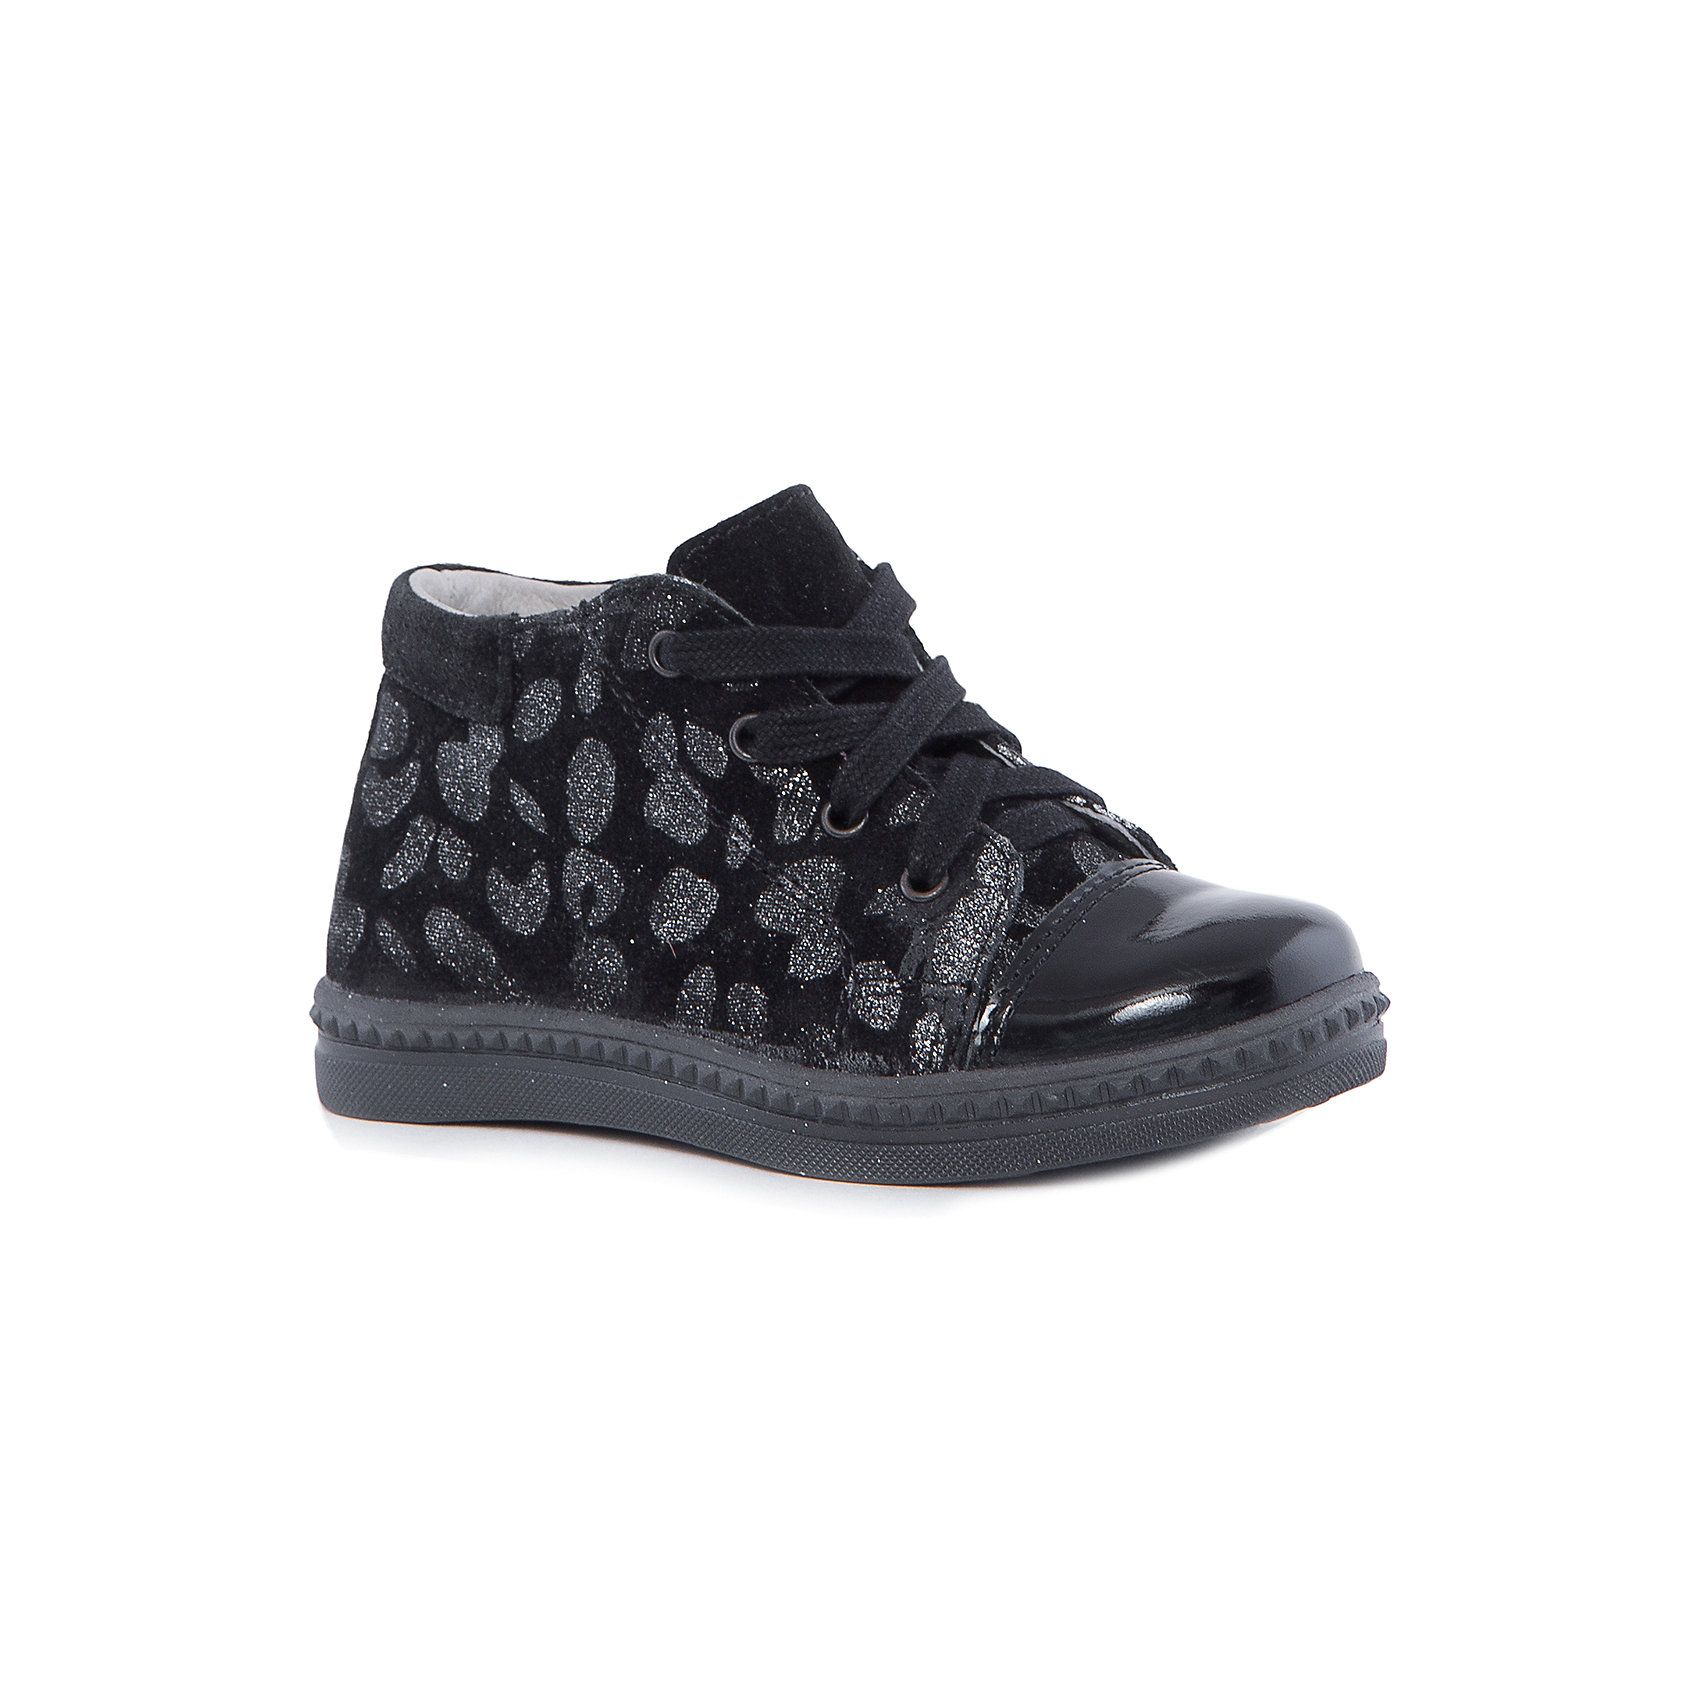 Ботинки для девочки КотофейКотофей – качественная и стильная детская обувь по доступным ценам. С каждым днем популярность бренда растет.  Модный дизайн и невероятное удобство ботинок для девочек из новой коллекции оценят все обладательницы данной модели. Стильные черные ботинки с принтом на замшевой части на удобной застежке – молнии -  прекрасный выбор обновки гардероба к новому сезону. <br><br>Дополнительная информация:<br><br>цвет: черный;<br>вид крепления: на клею;<br>застежка: пластиковая молния, шнуровка;<br>температурный режим: от +5°С до +15° С.<br><br>Состав:<br>материал верха – кожа;<br>материал подклада – кожподкладка;<br>подошва – ТЭП.<br><br>Осенние ботиночки из натуральной кожи для девочки дошкольного возраста от фирмы Котофей можно приобрести в нашем магазине.<br><br>Ширина мм: 262<br>Глубина мм: 176<br>Высота мм: 97<br>Вес г: 427<br>Цвет: черный<br>Возраст от месяцев: 48<br>Возраст до месяцев: 60<br>Пол: Женский<br>Возраст: Детский<br>Размер: 28,27,24,26,29,25<br>SKU: 4982433